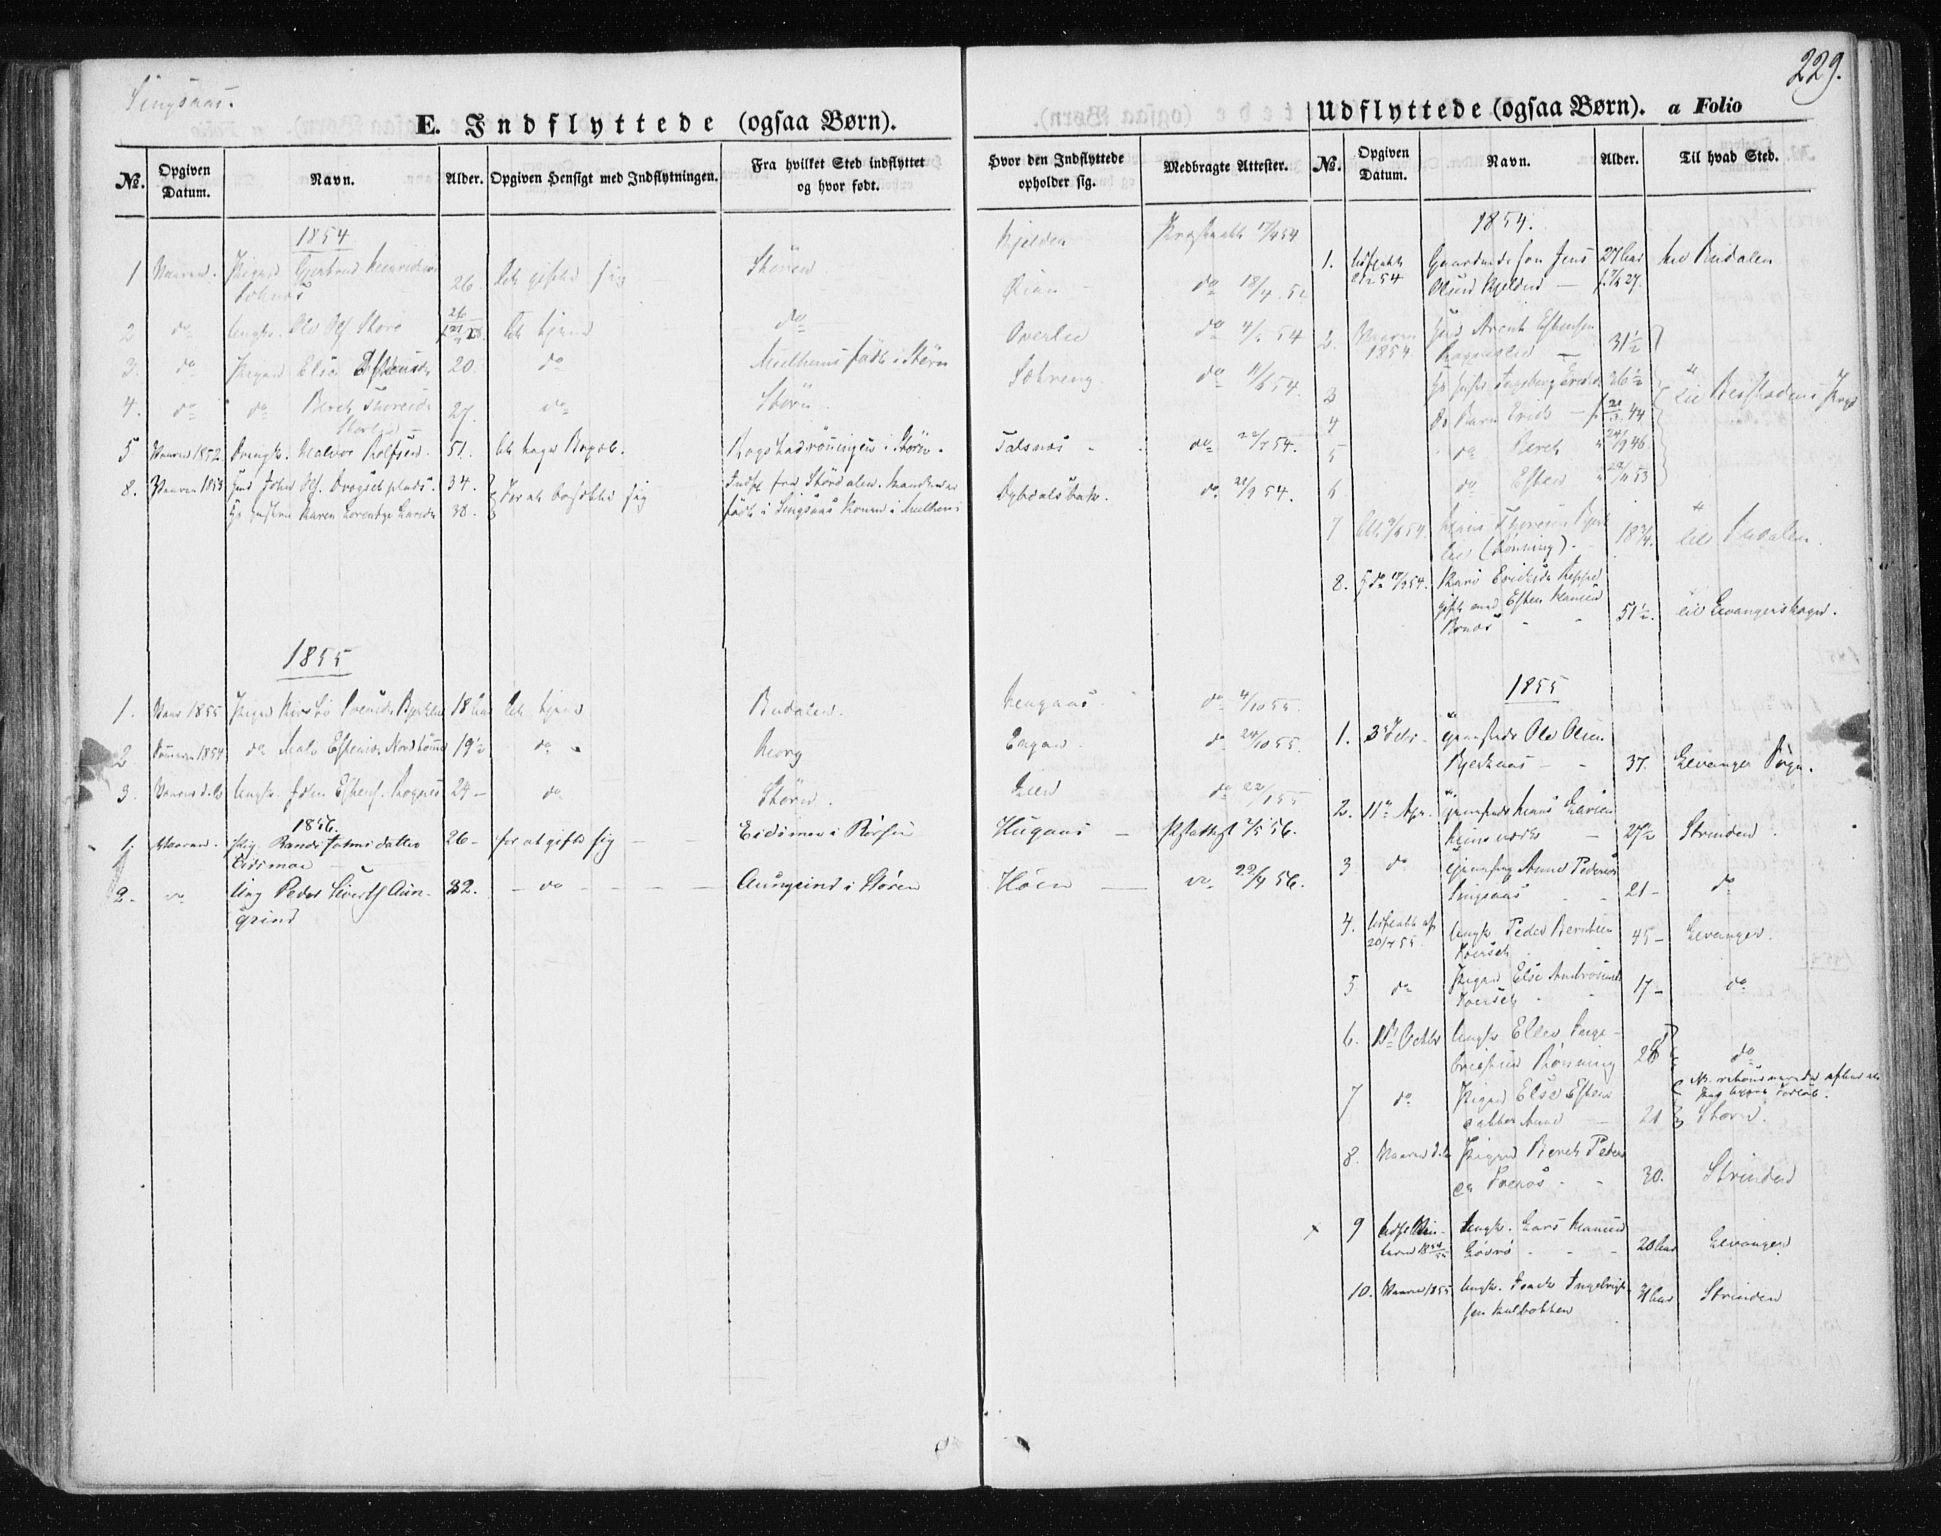 SAT, Ministerialprotokoller, klokkerbøker og fødselsregistre - Sør-Trøndelag, 685/L0964: Ministerialbok nr. 685A06 /2, 1846-1859, s. 229